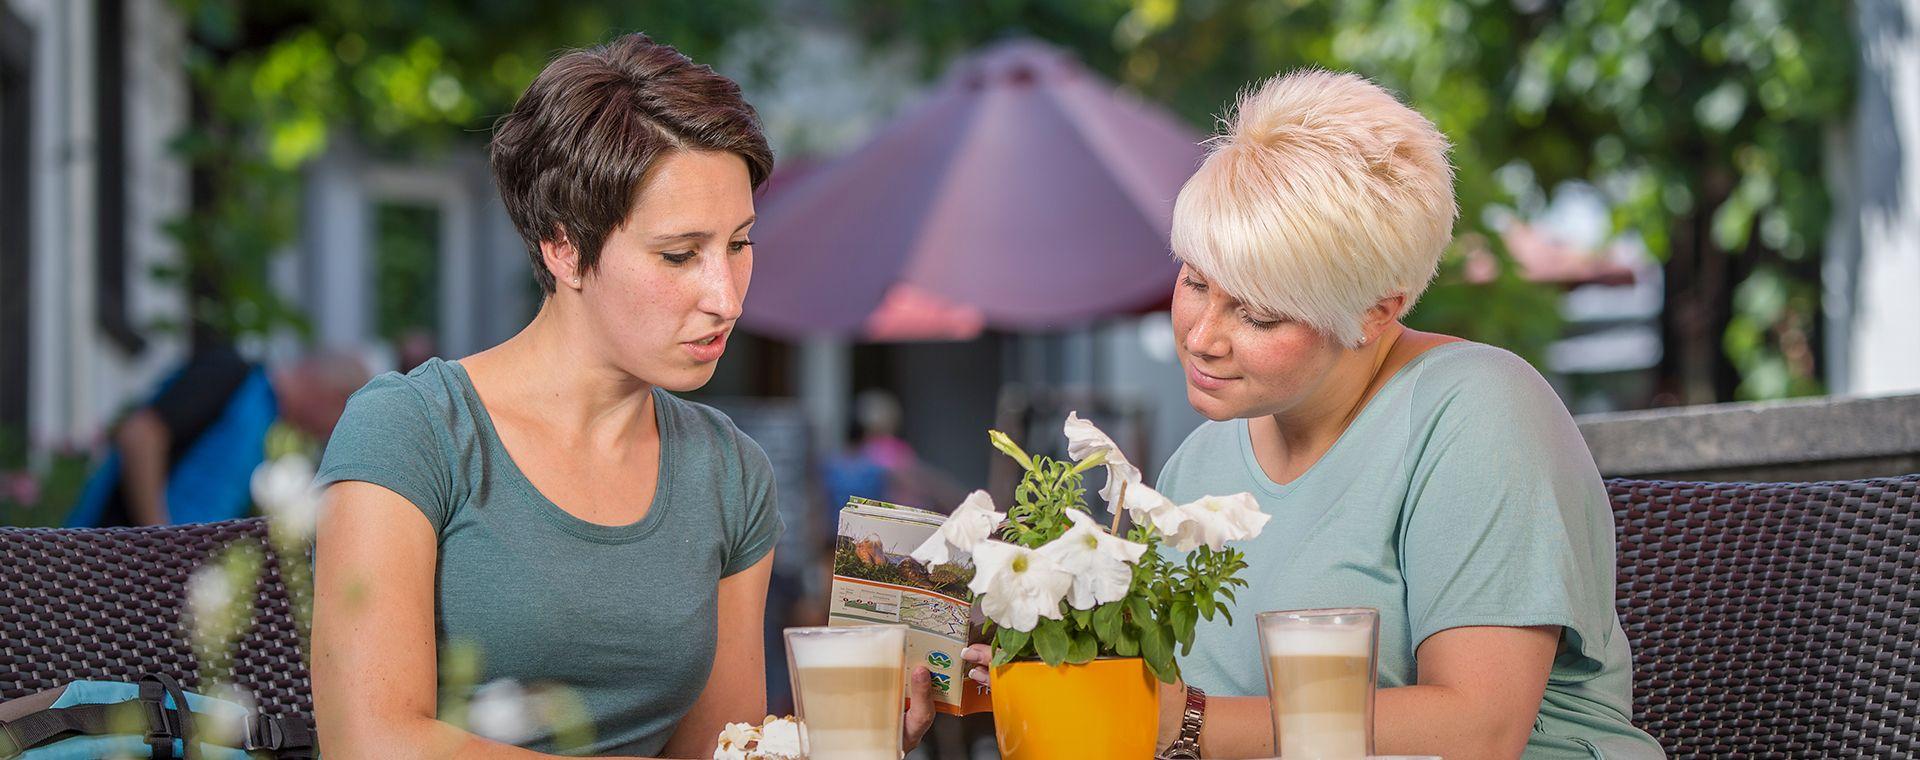 Zwei Frauen trinken einen Kaffee